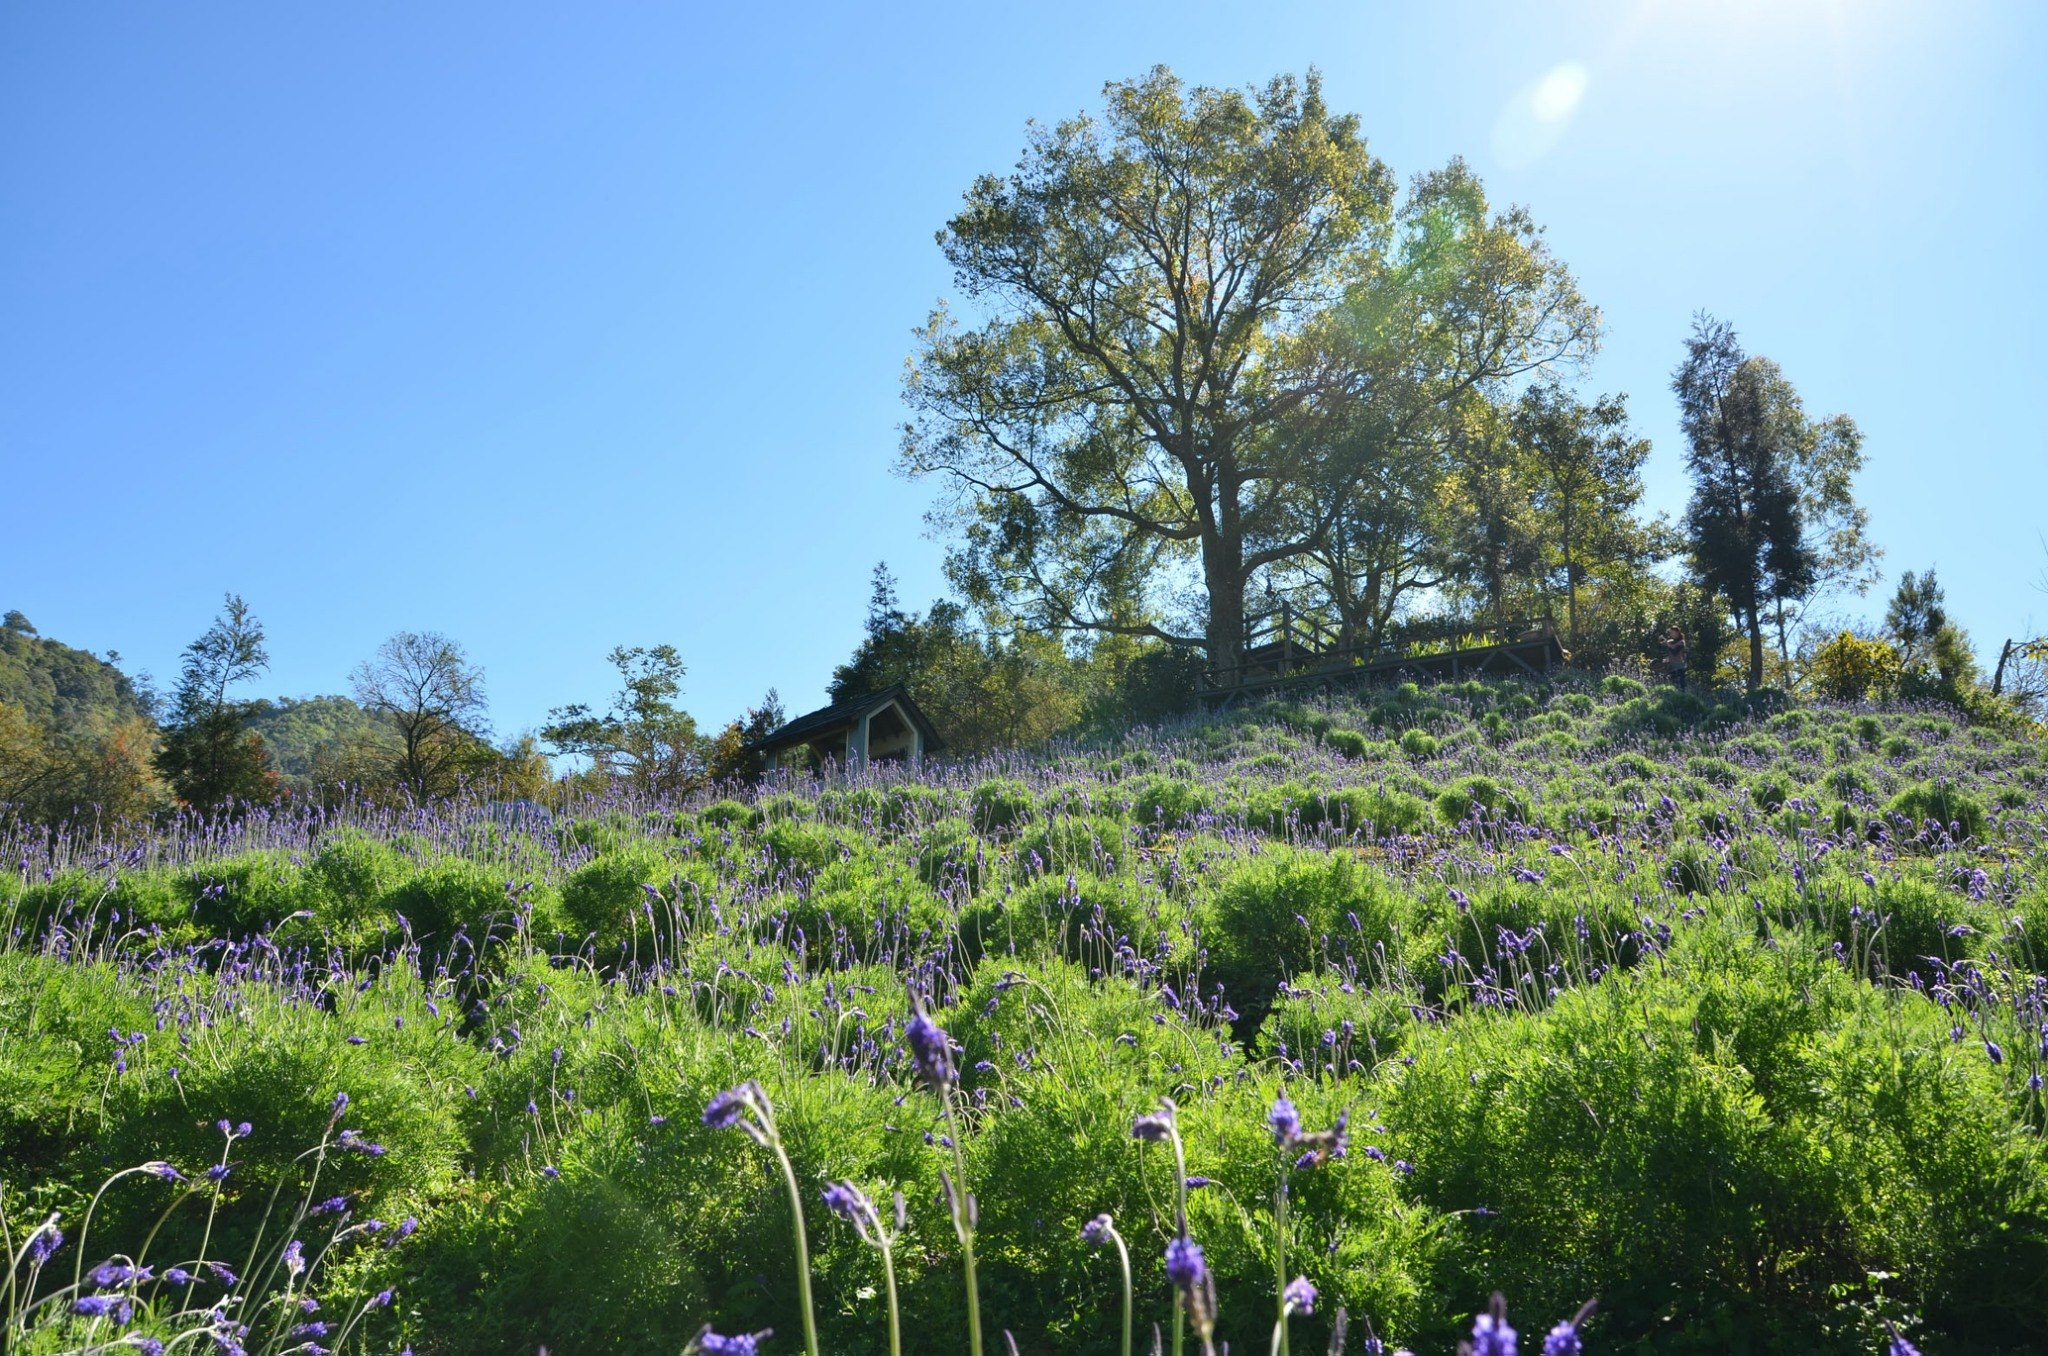 在秋高氣爽的10月,到薰衣草森林欣賞為小山丘染上夢幻藍紫色的千屈菜與薰衣草。圖/薰衣草森林臉書粉絲專頁